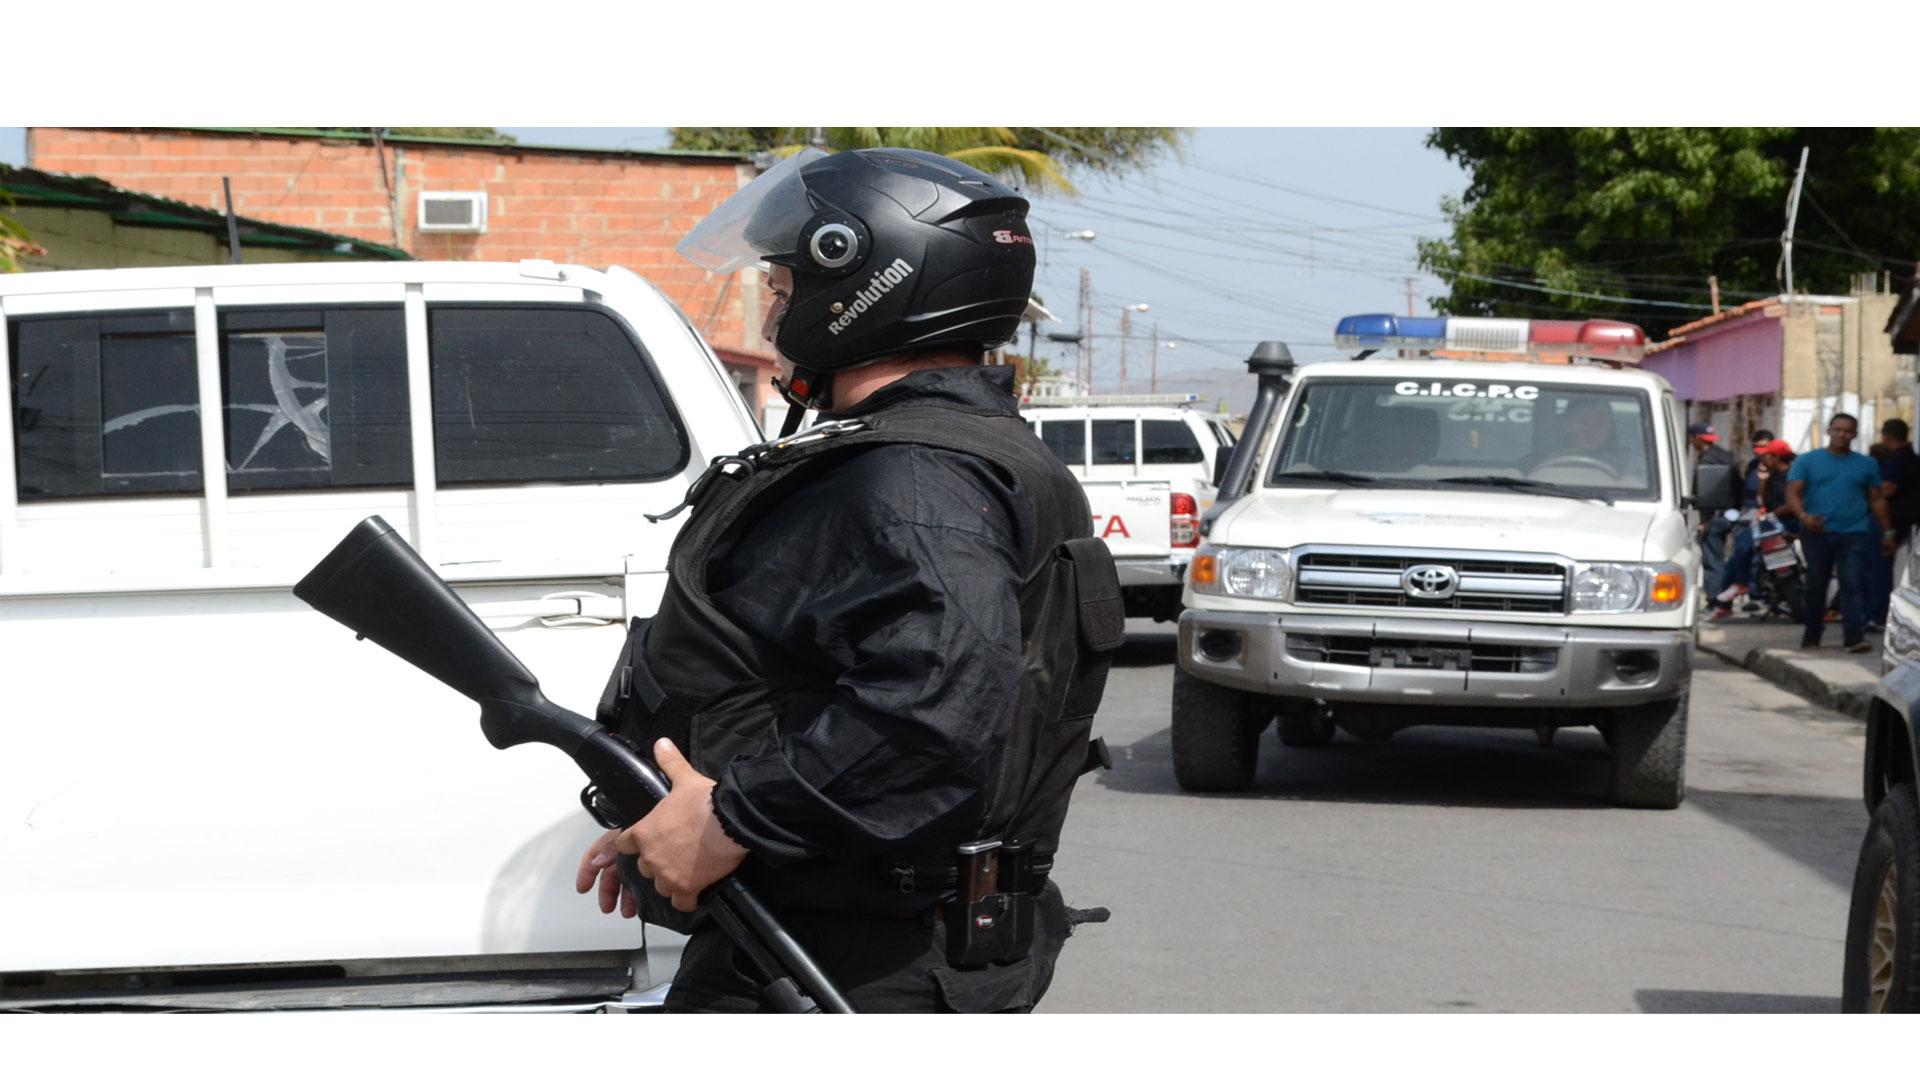 Horas antes el sujeto se evadió de los calabozos de la policía sureña